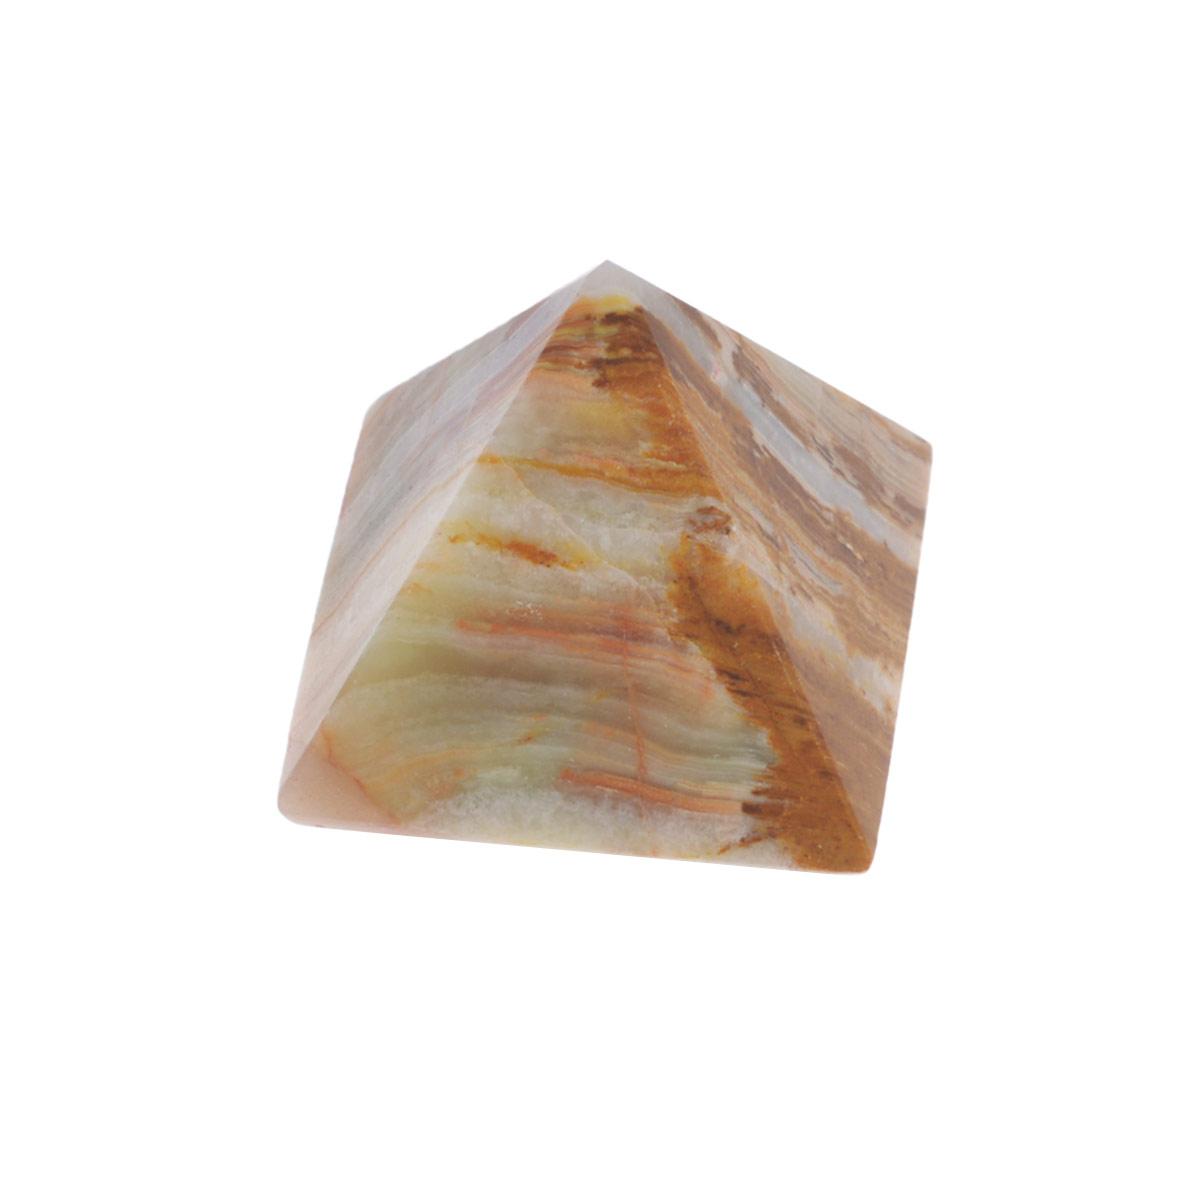 Сувенир Sima-land Пирамида, 3 см х 3 см х 3,5 см593718Сувенир Sima-land Пирамида выполнен из натурального оникса. Этот камень помогает снимать стрессы, облегчает боль, способствует эмоциональному равновесию и самоконтролю. Его применяют при расстройстве нервной системы, депрессиях, бессоннице, при лечении болезней сердца. Оникс хорошо снимает боли и уменьшает воспаления. Сувенир Sima-land Пирамида станет отличным подарком на любой праздник и дополнит интерьер вашей комнаты. УВАЖАЕМЫЕ КЛИЕНТЫ!Обращаем ваше внимание на тот факт, что цветовой оттенок товара может отличатся от представленного на изображении, поскольку фигурка выполнена из натурального камня. Учитывайте это при оформлении заказа.